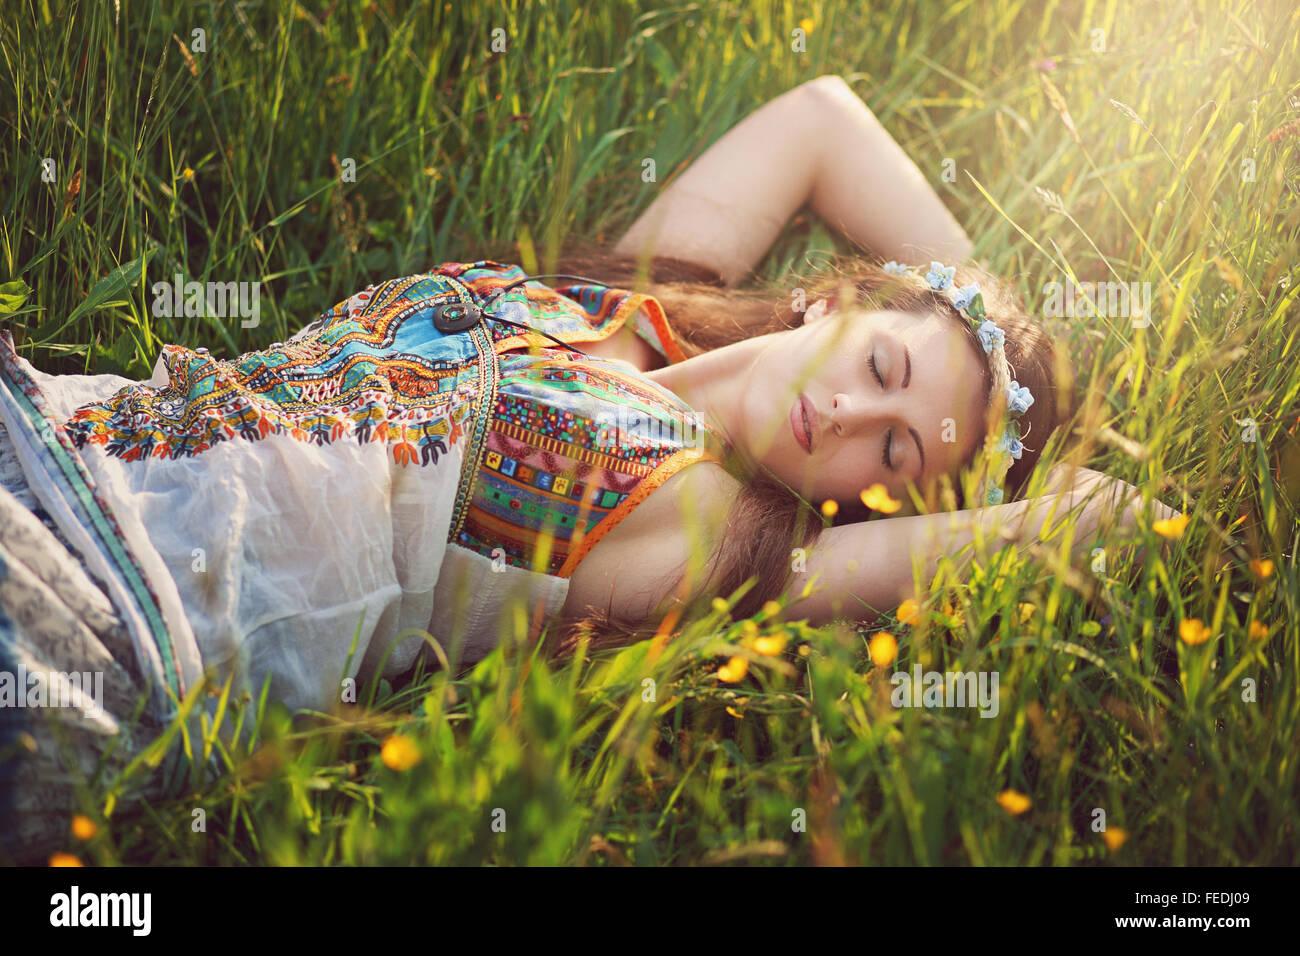 Wunderschöne Hippie-Frau schlafen friedlich in Frühlingswiese Stockbild